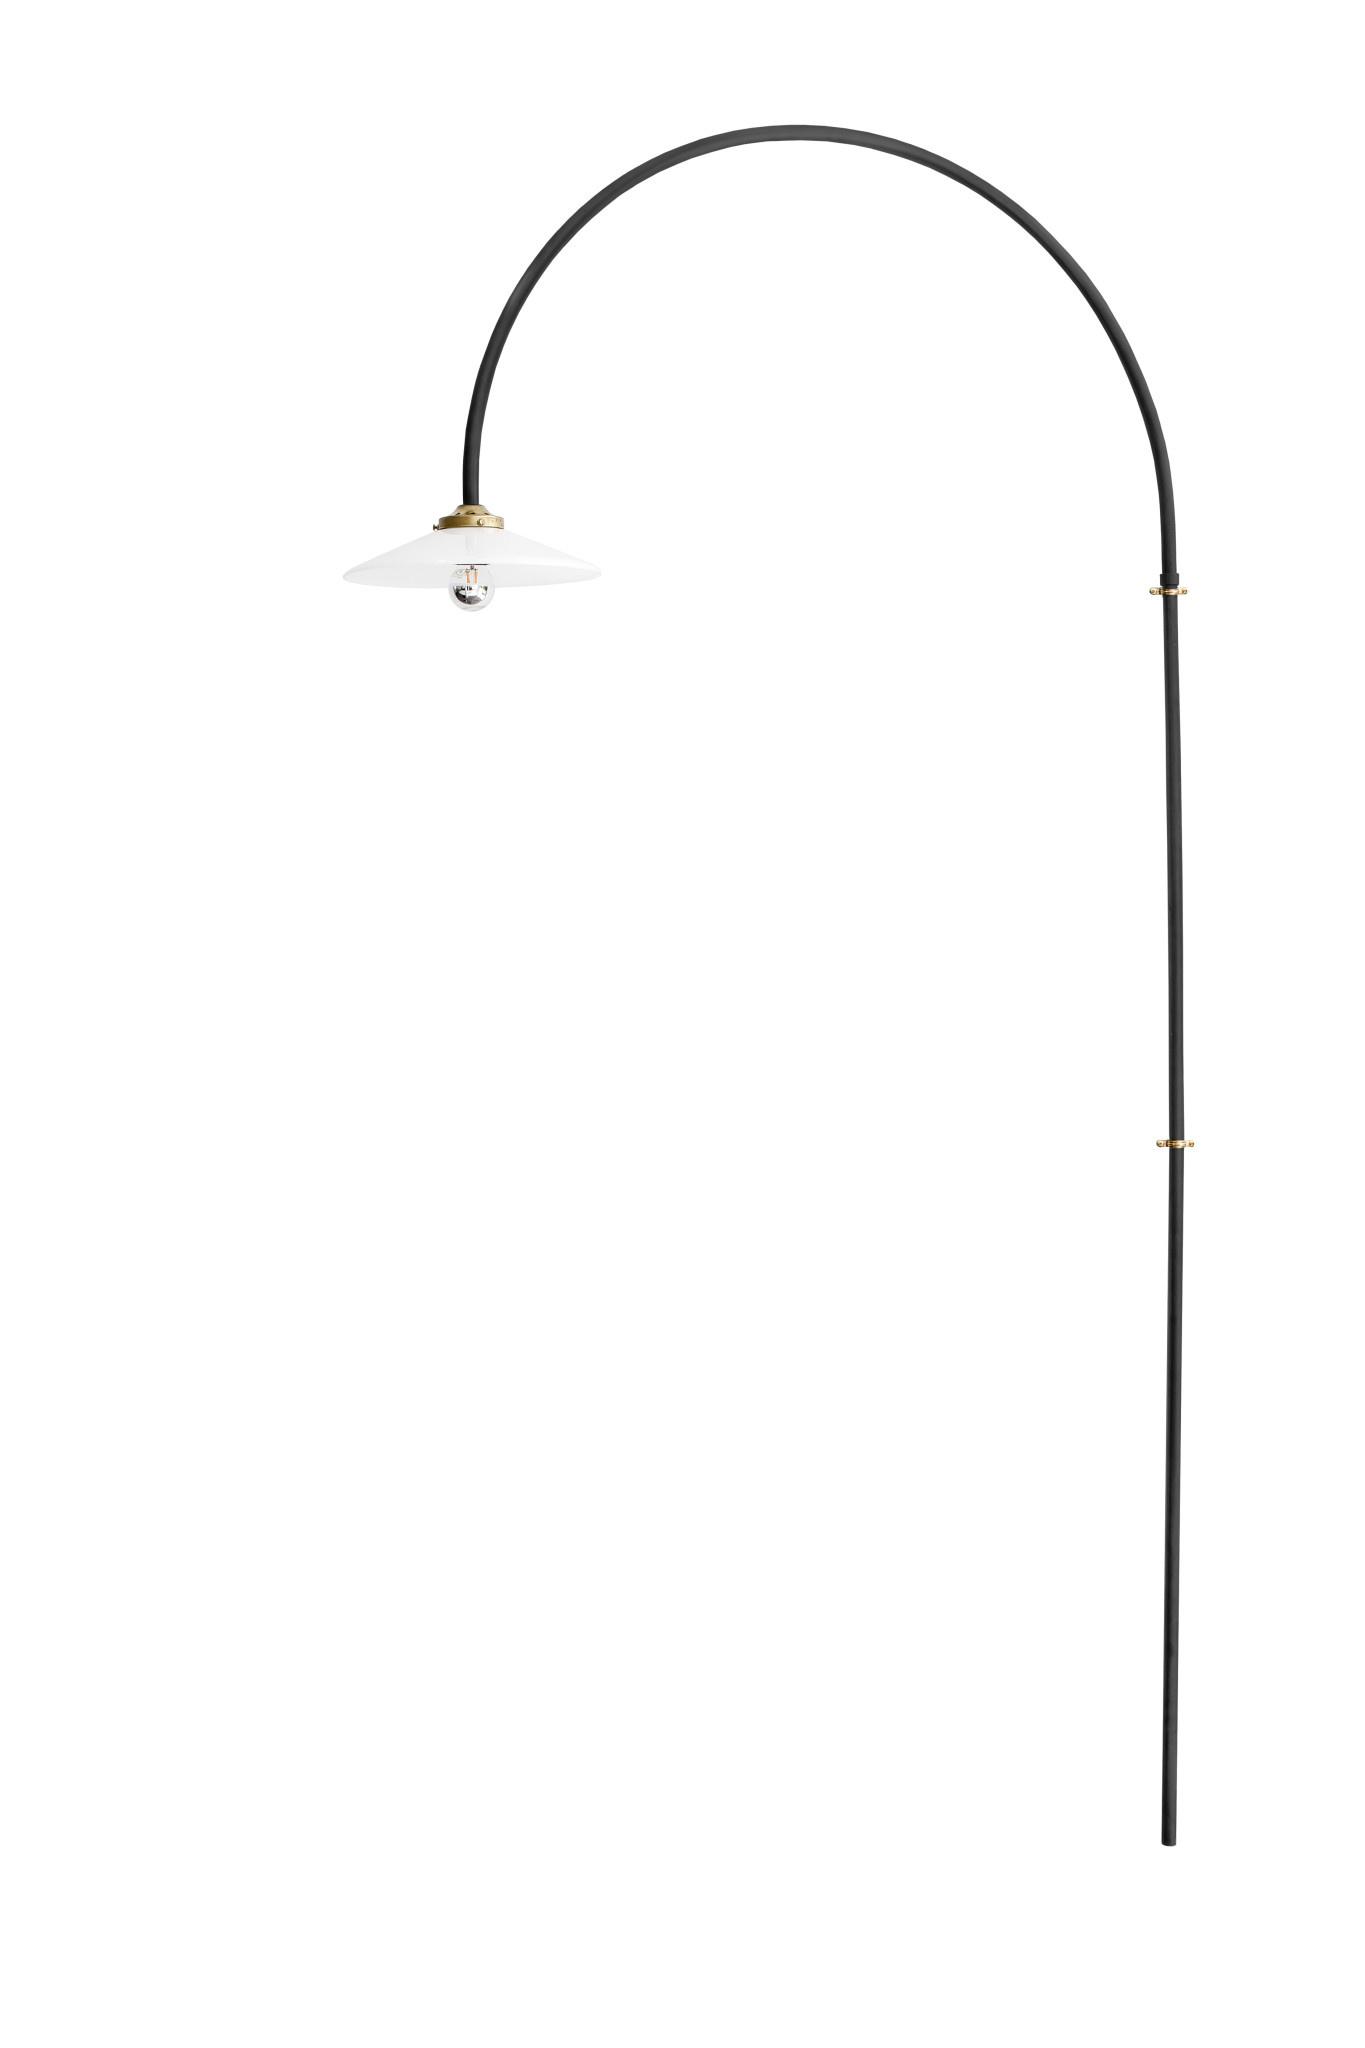 Hanging Lamp No. 2-5